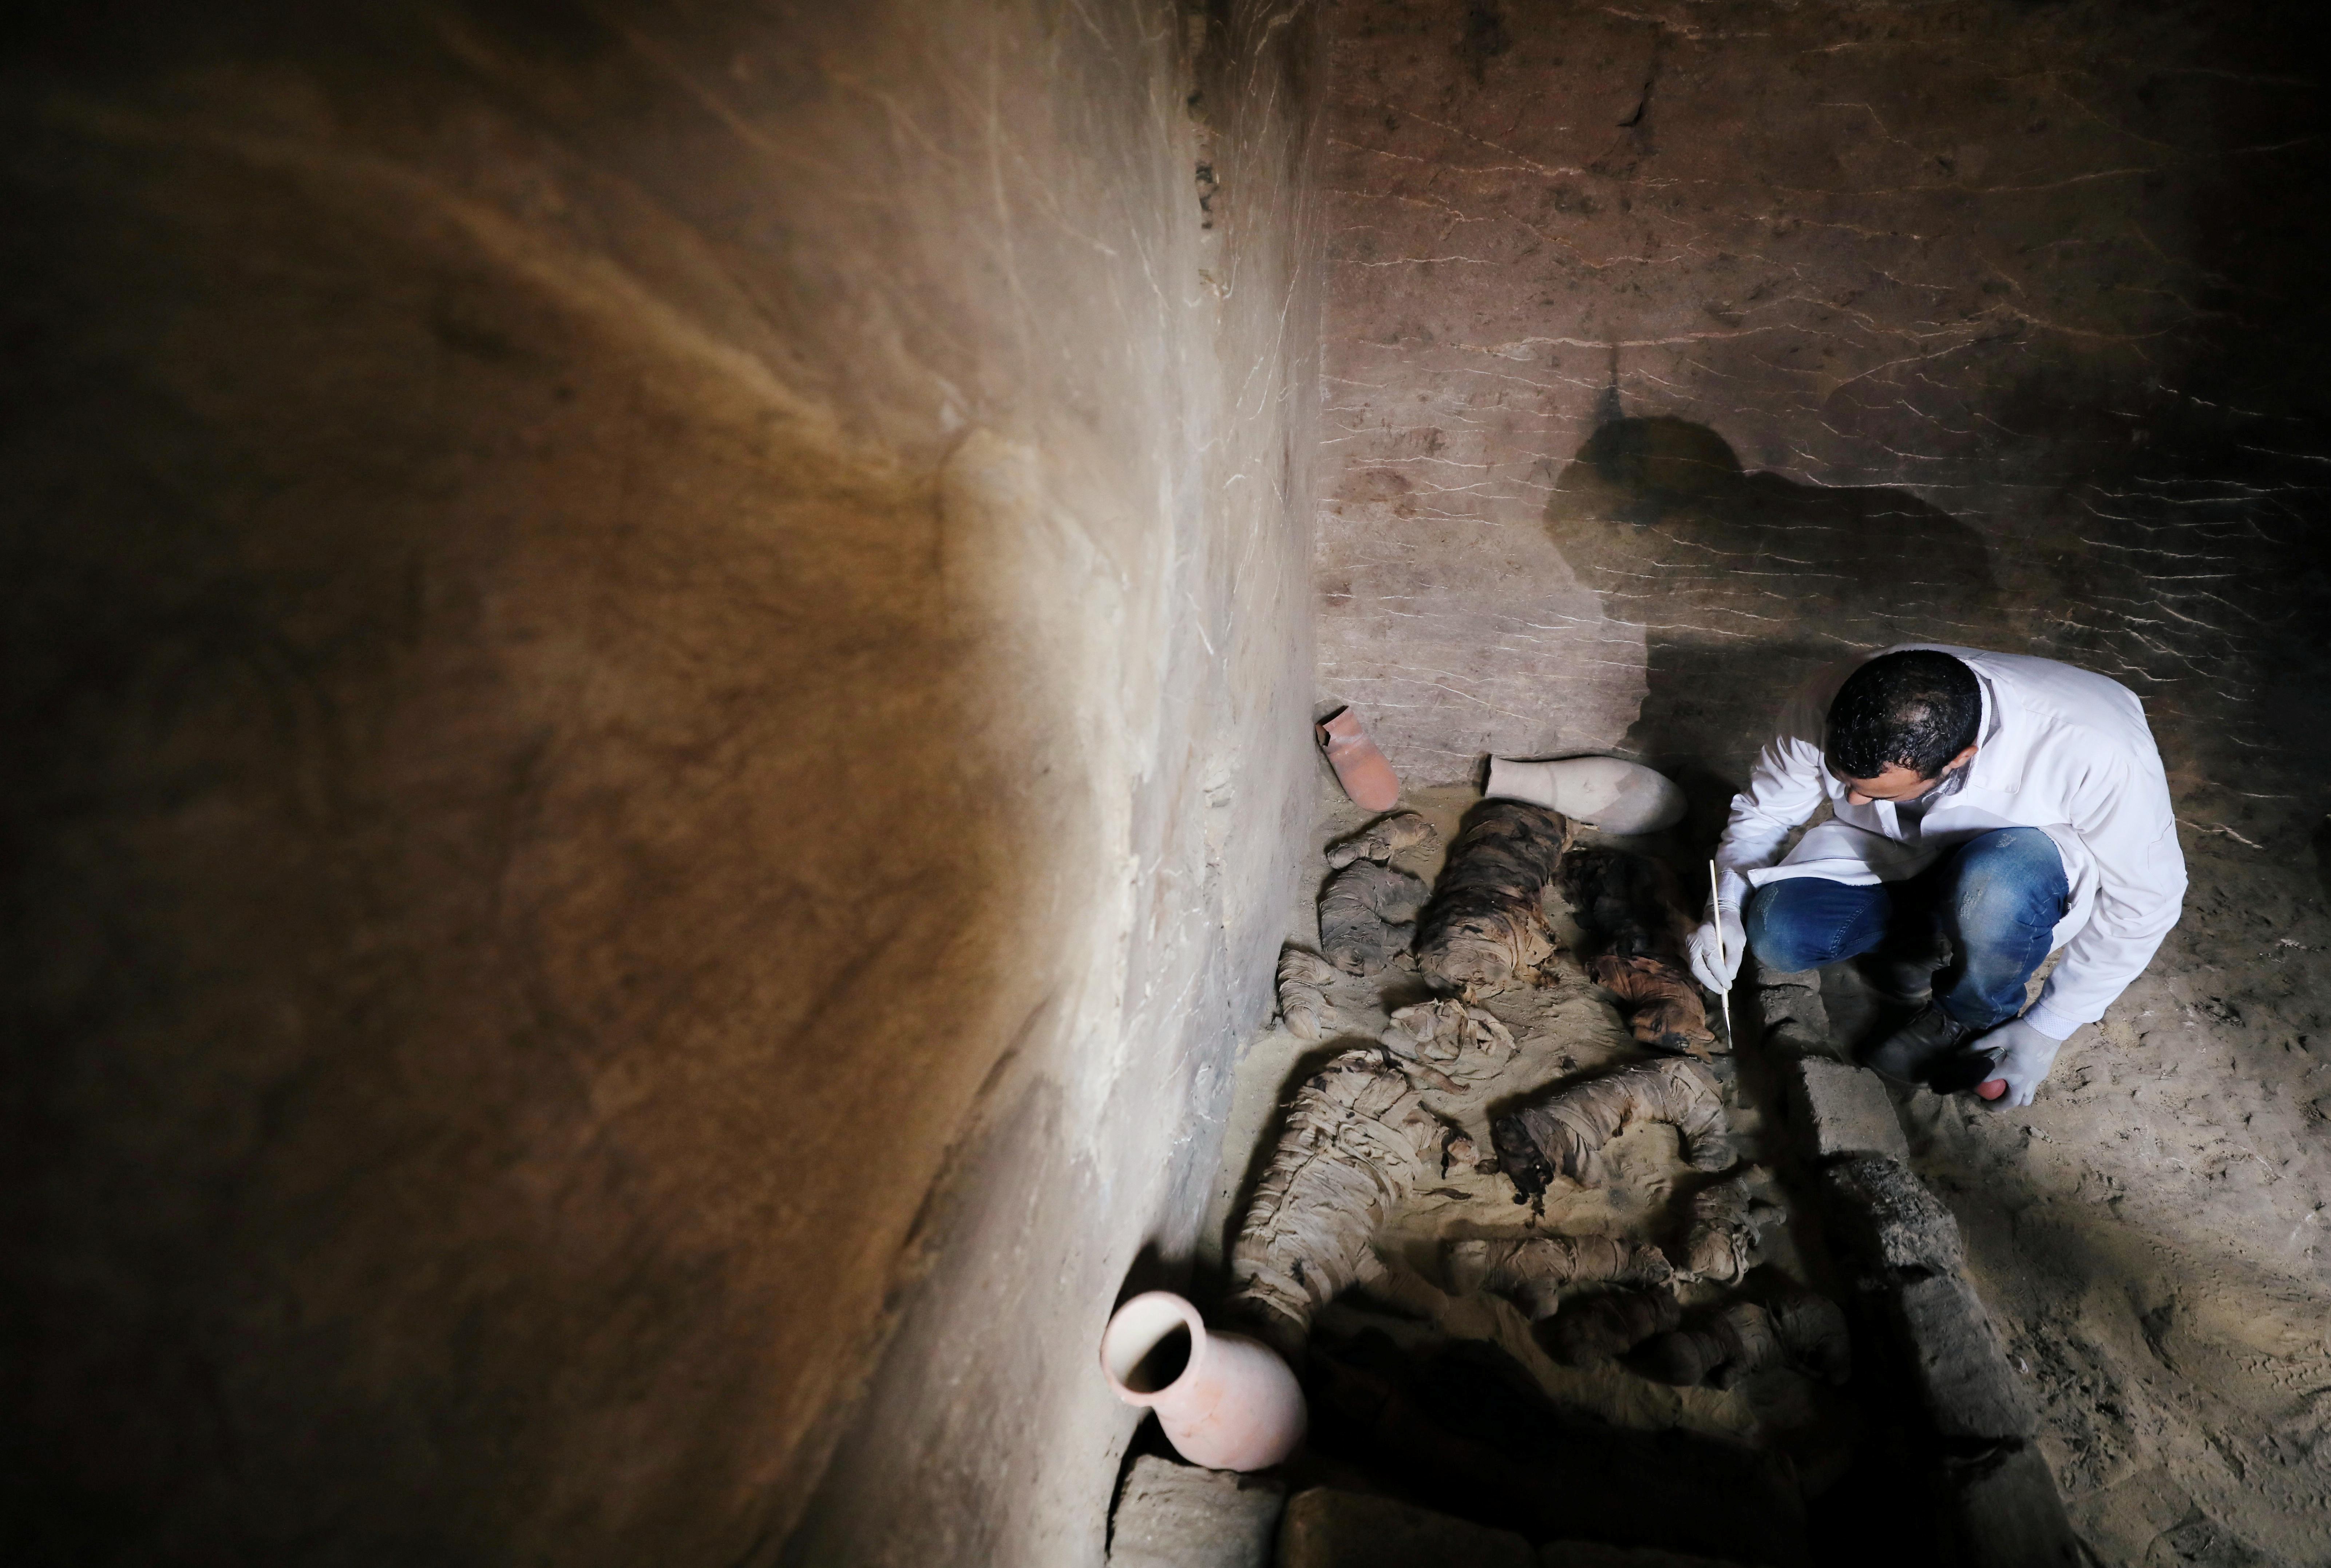 عالم آثار يعاين القطع المكتشفة داخل المقبرة